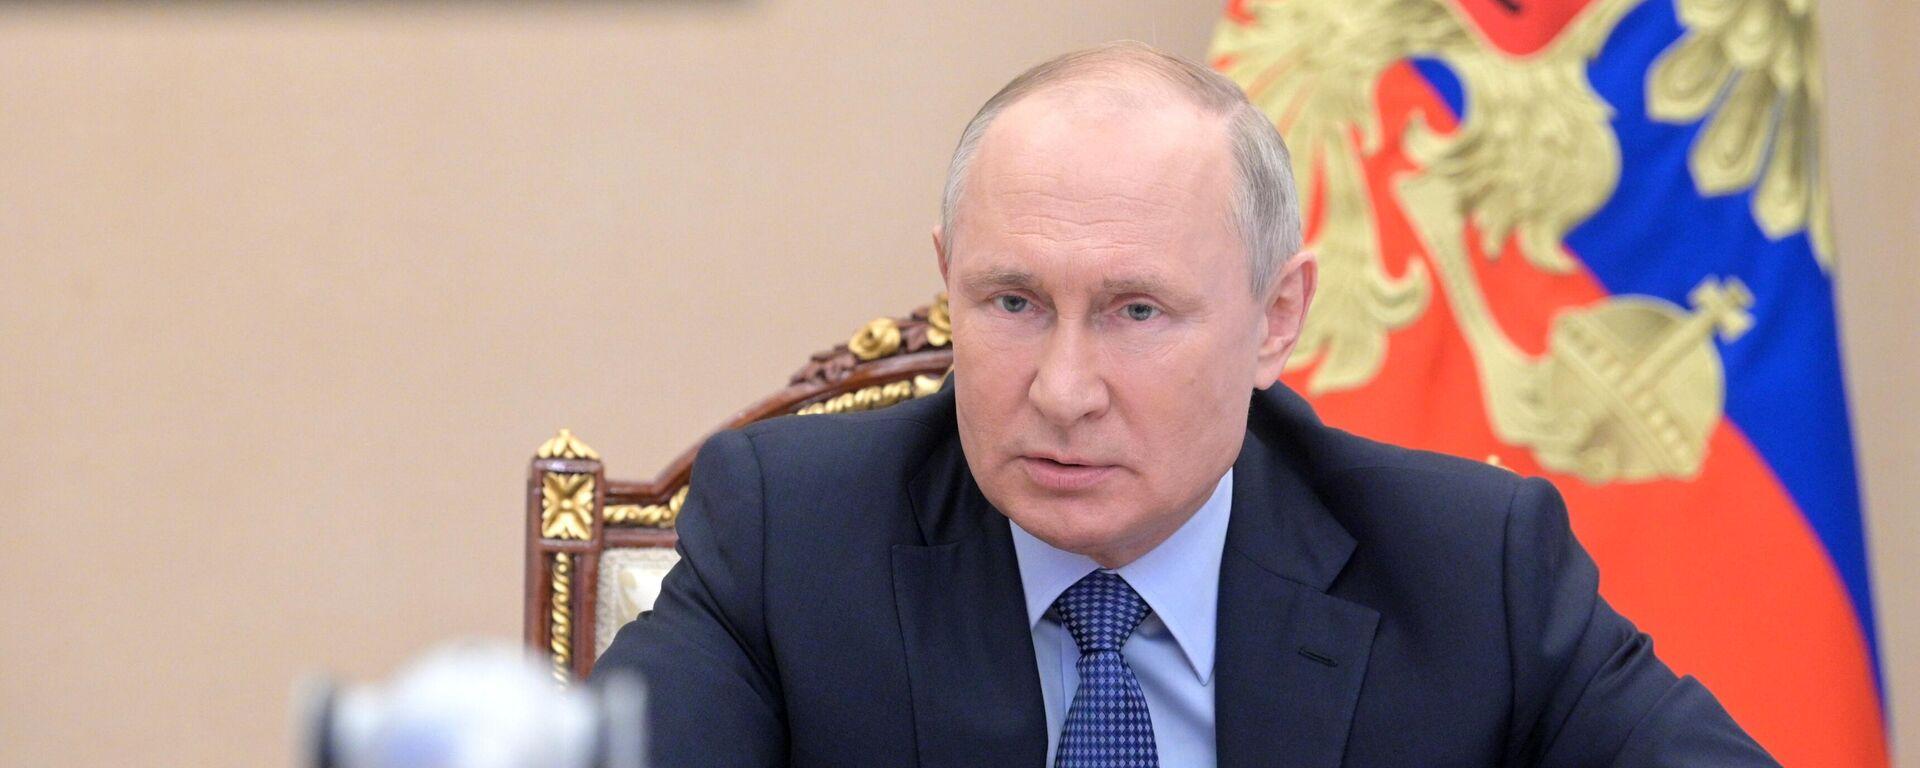 Vladímir Putin, presidente ruso - Sputnik Mundo, 1920, 17.06.2021